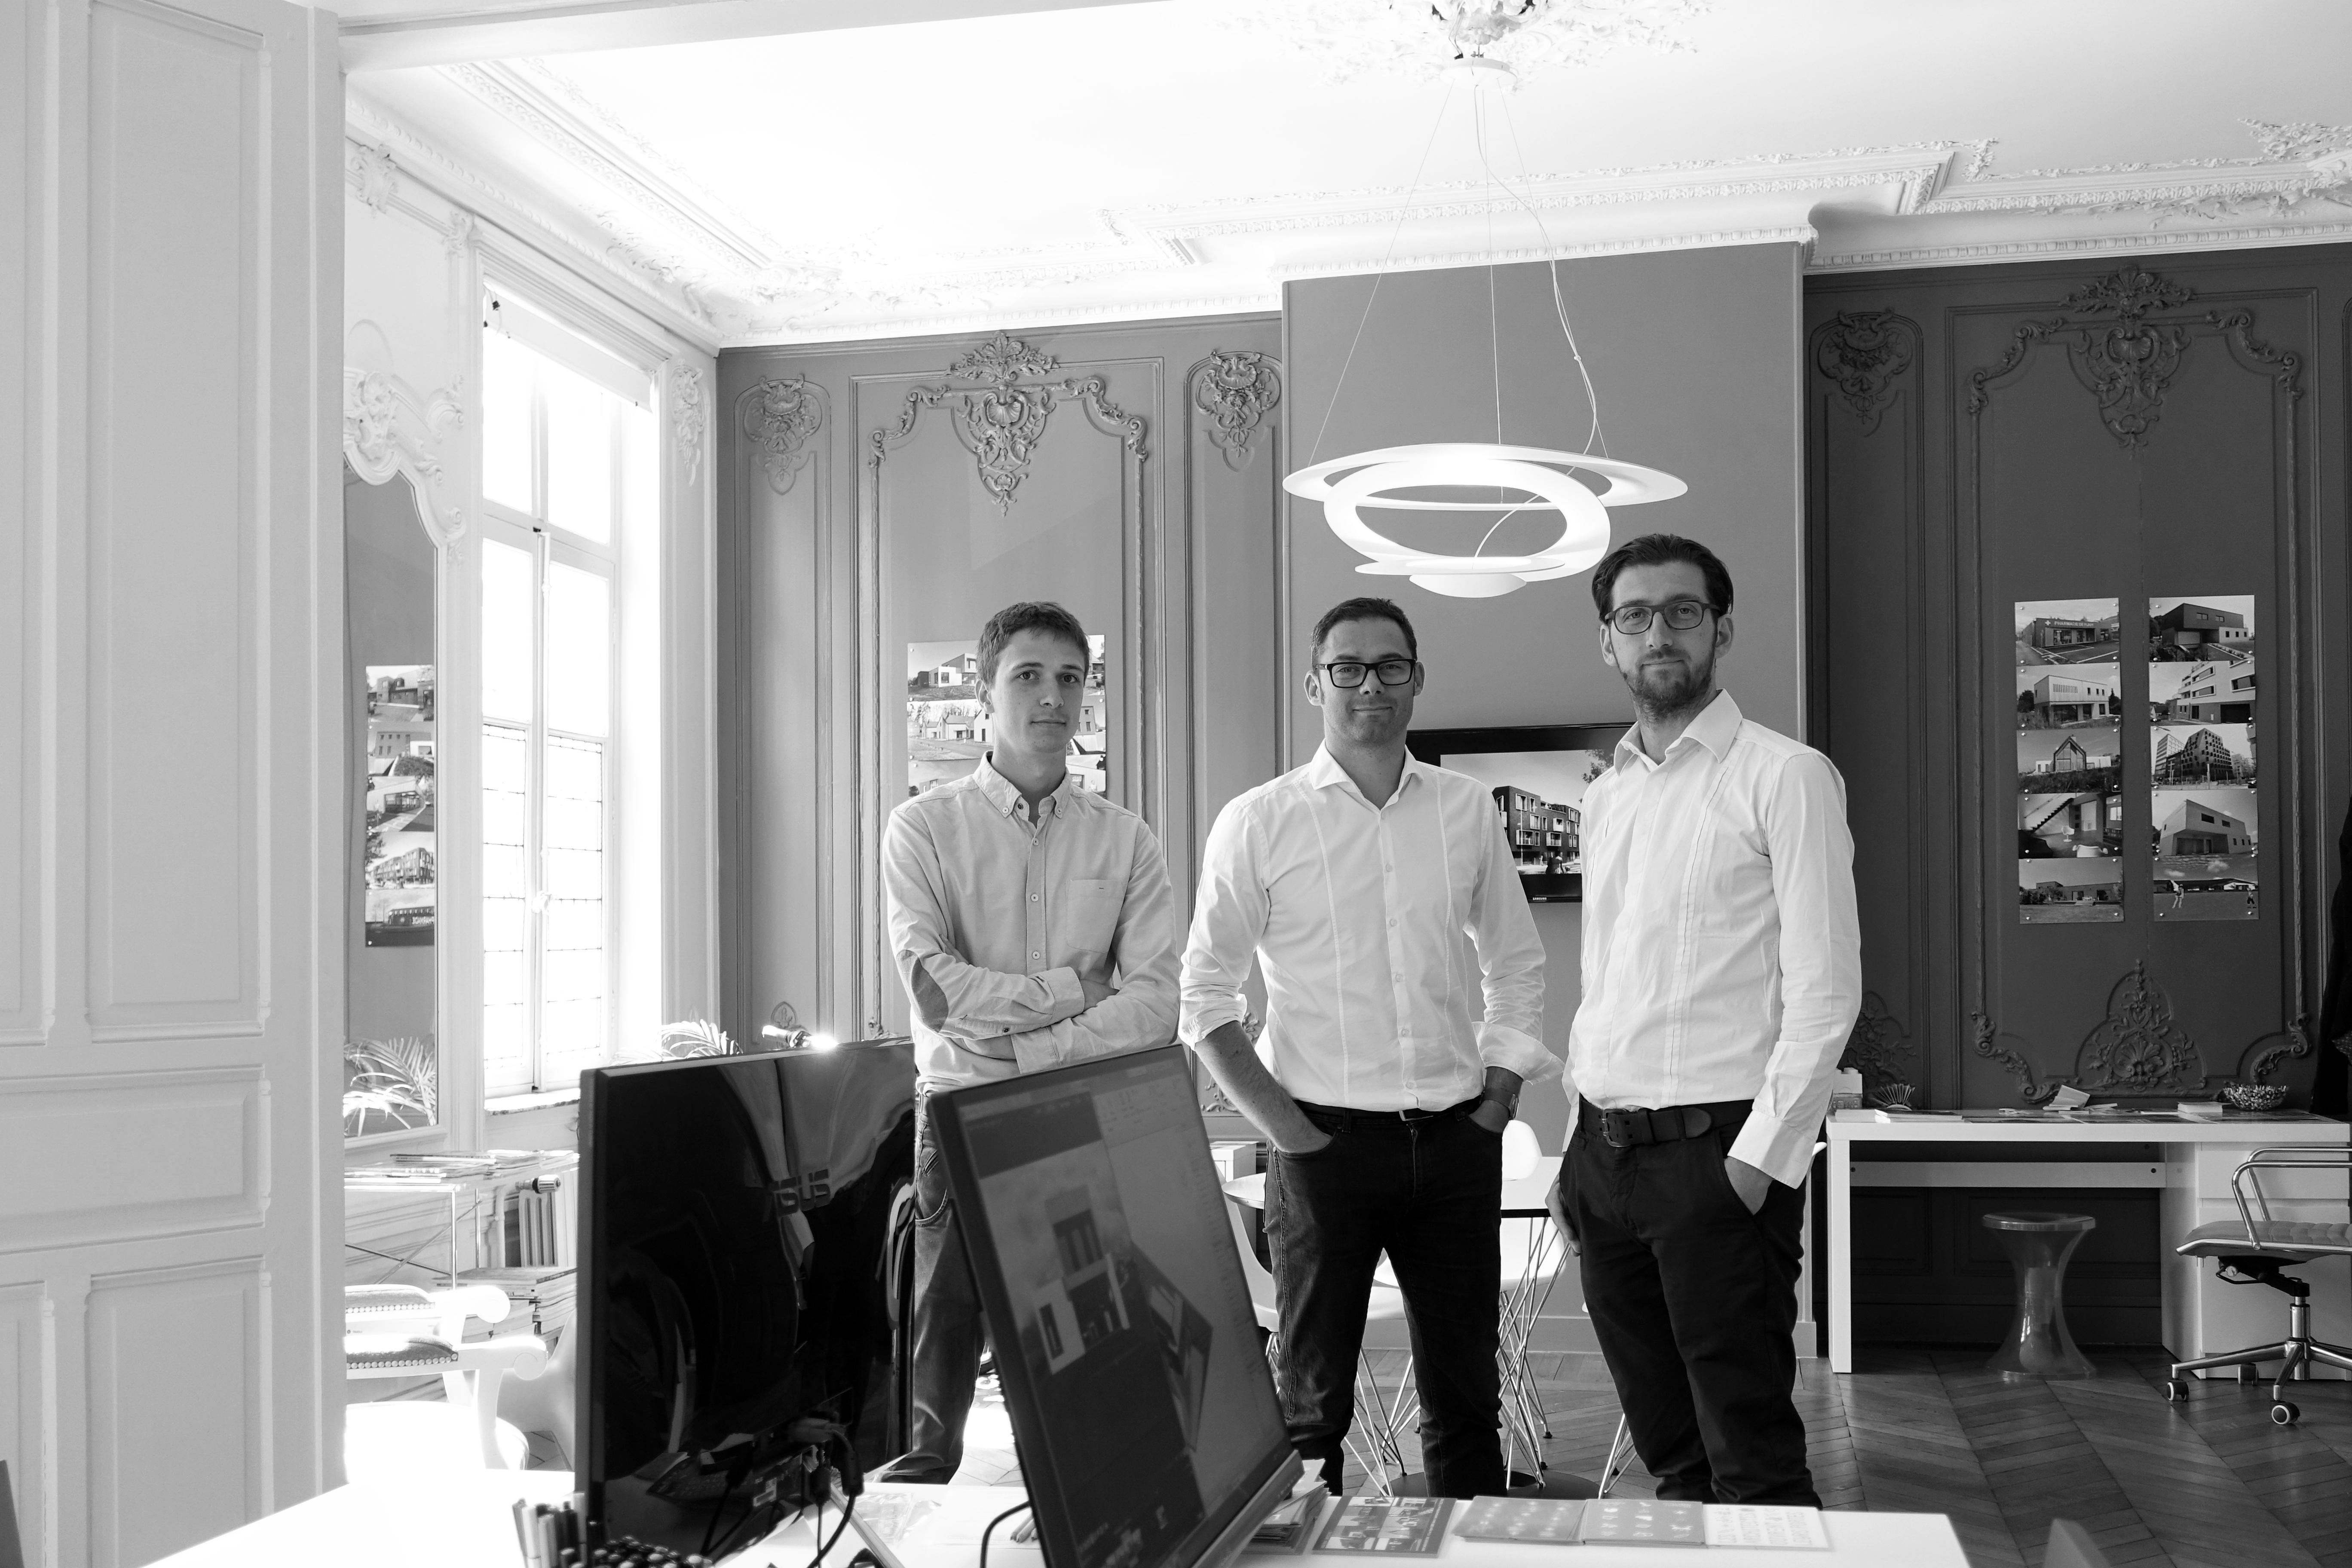 Samuel ridoux architecte dplg amiens somme ordre - Architecte amiens renovation ...